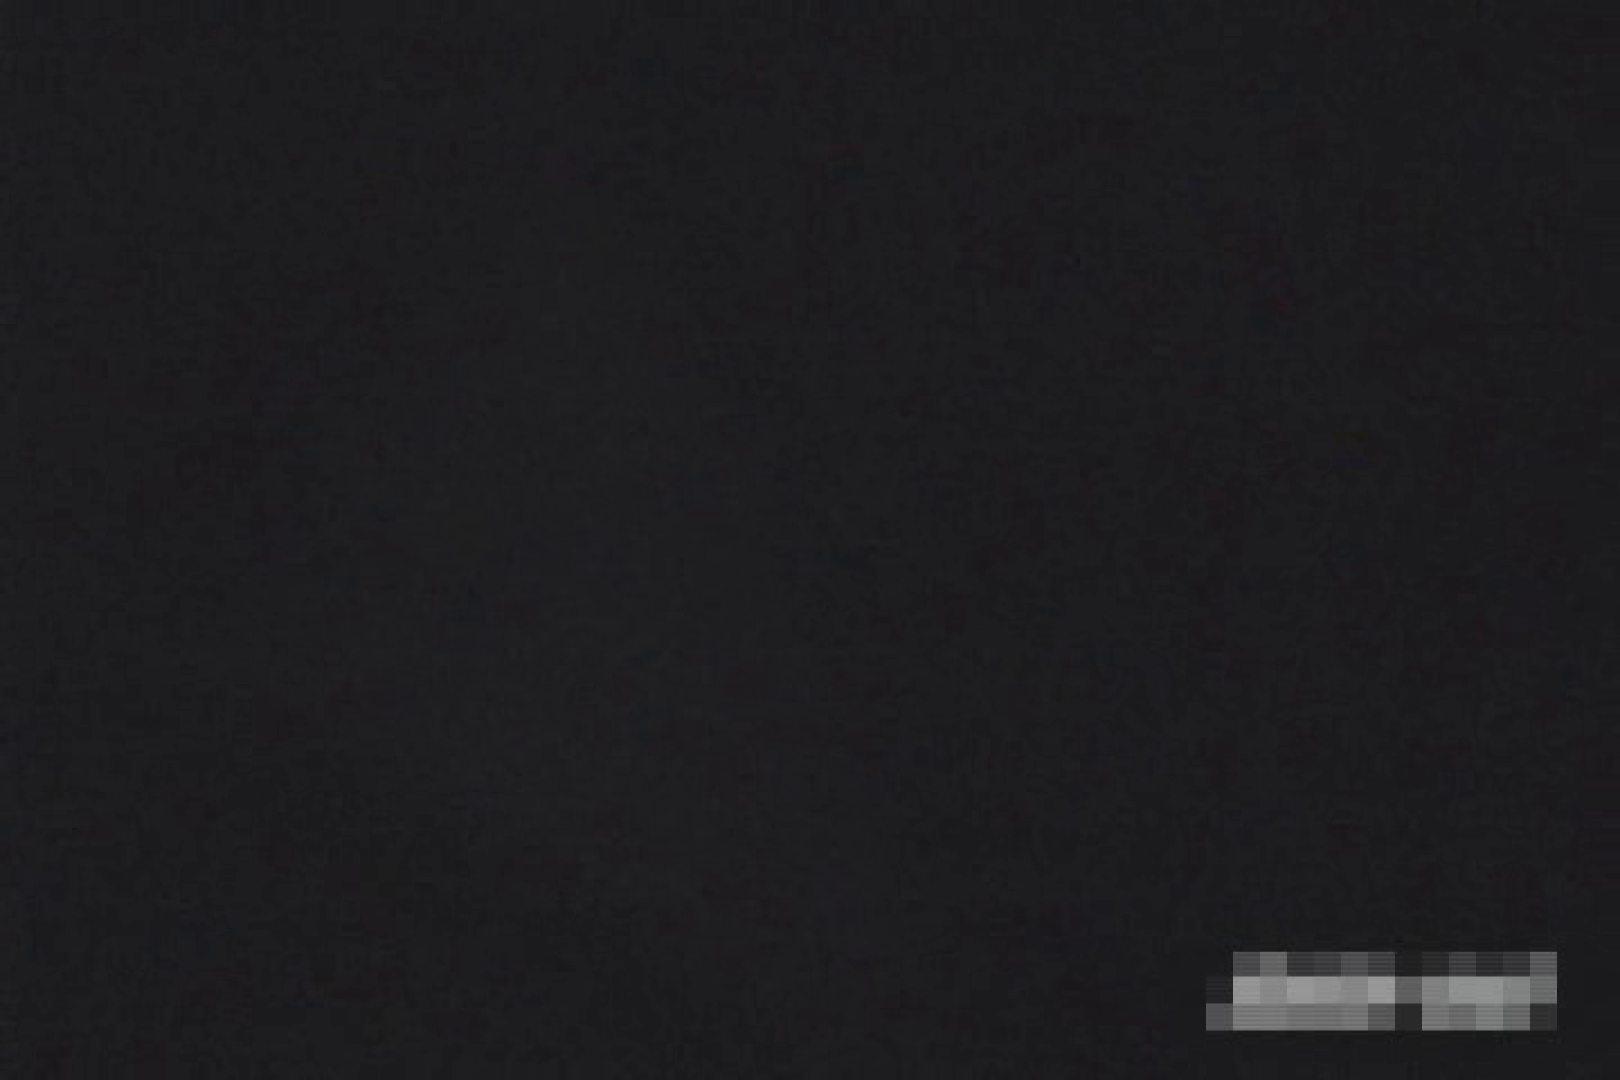 プライベートの極技!!Vol.1 HなOL アダルト動画キャプチャ 110pic 56